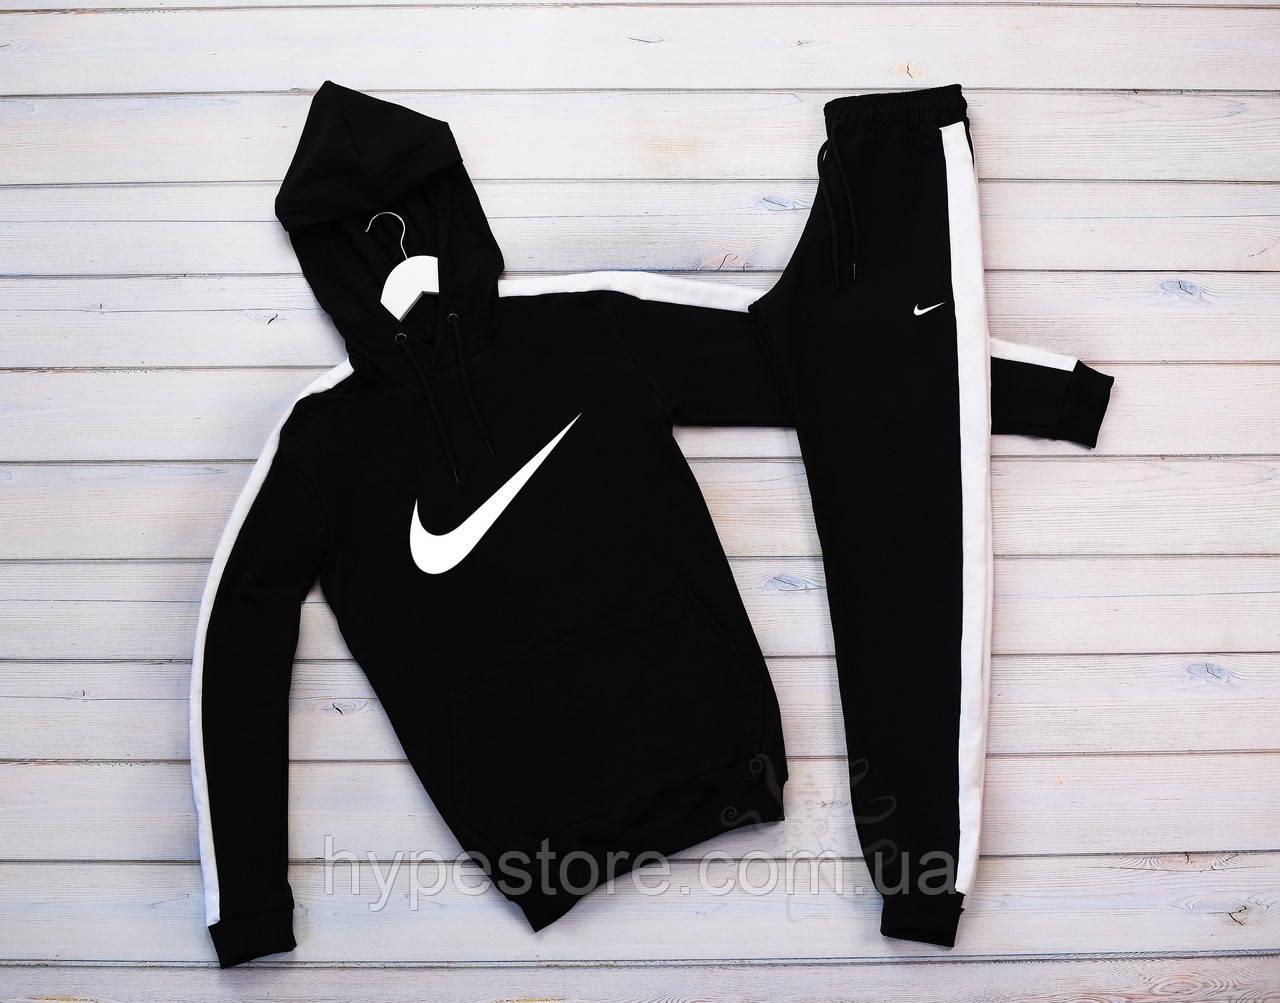 Мужской теплый зимний спортивный костюм, с лампасами, с капюшоном на флисе Nike, реплика